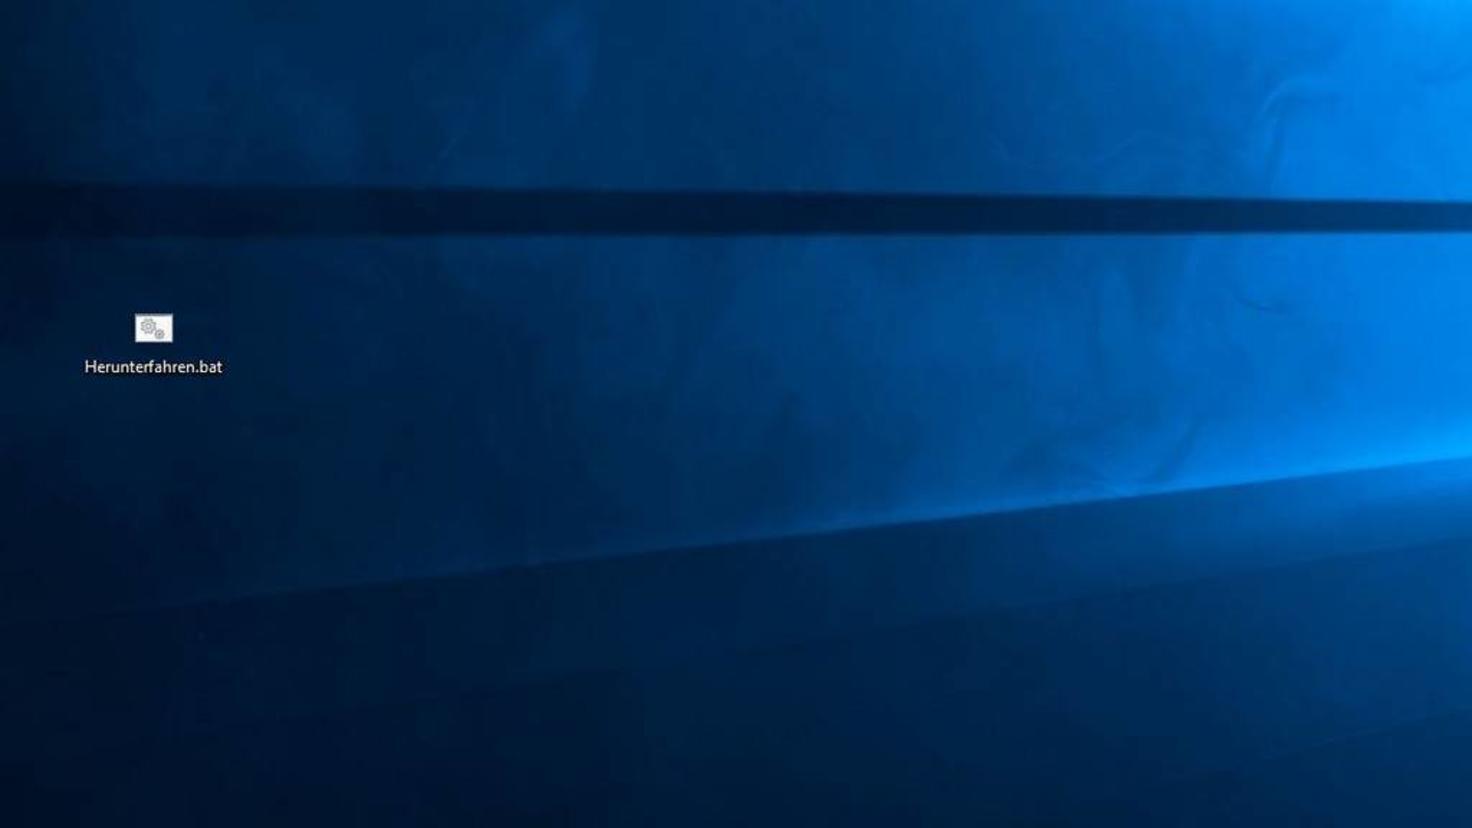 Windows Herunterfahren Batchdatei 02.JPG